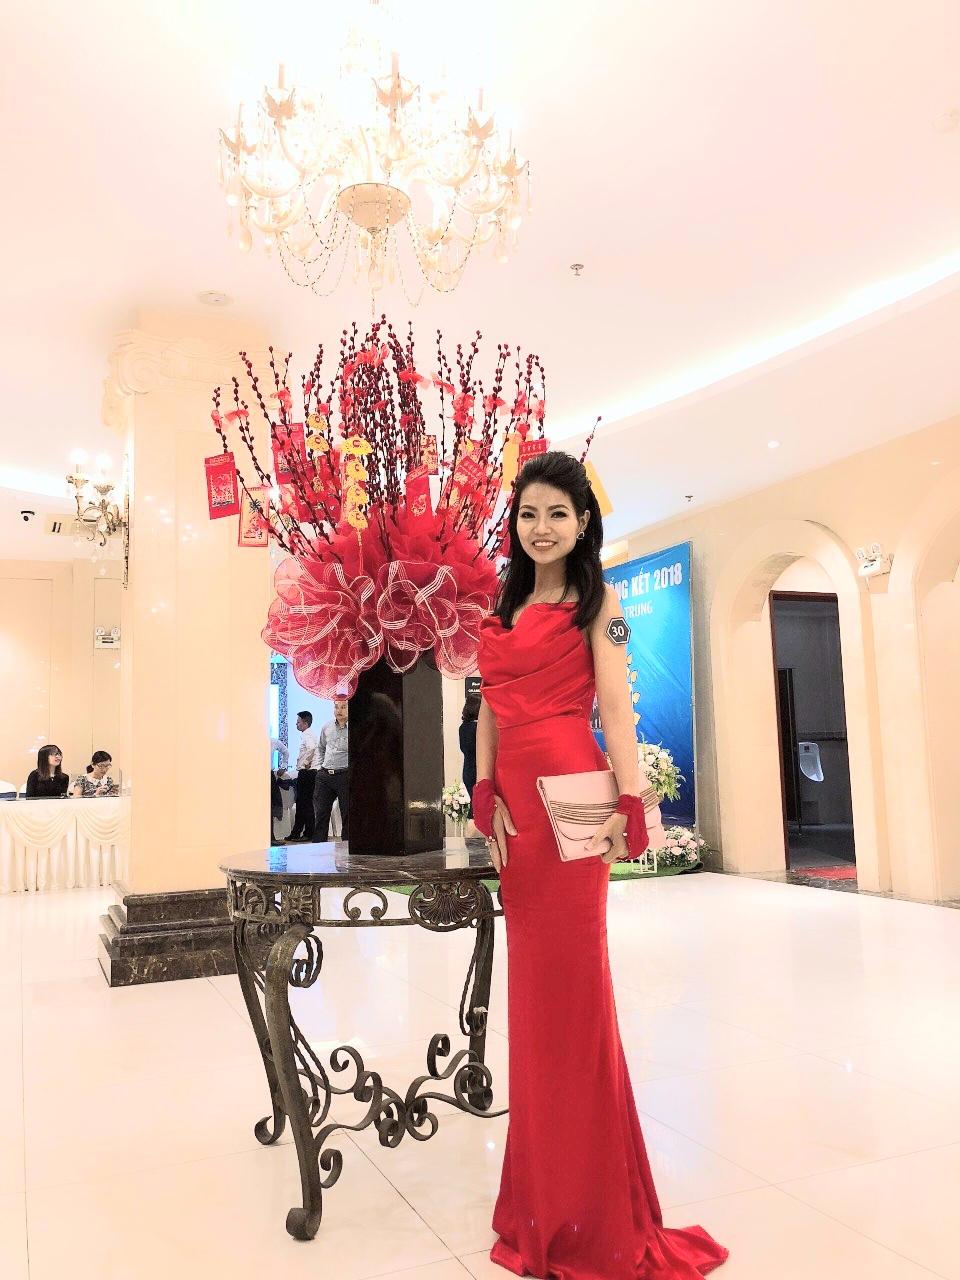 20190517 121246 Lộ diện dàn thí sinh Hoa hậu & Nam vương Doanh nhân Thế giới Malaysia 2019